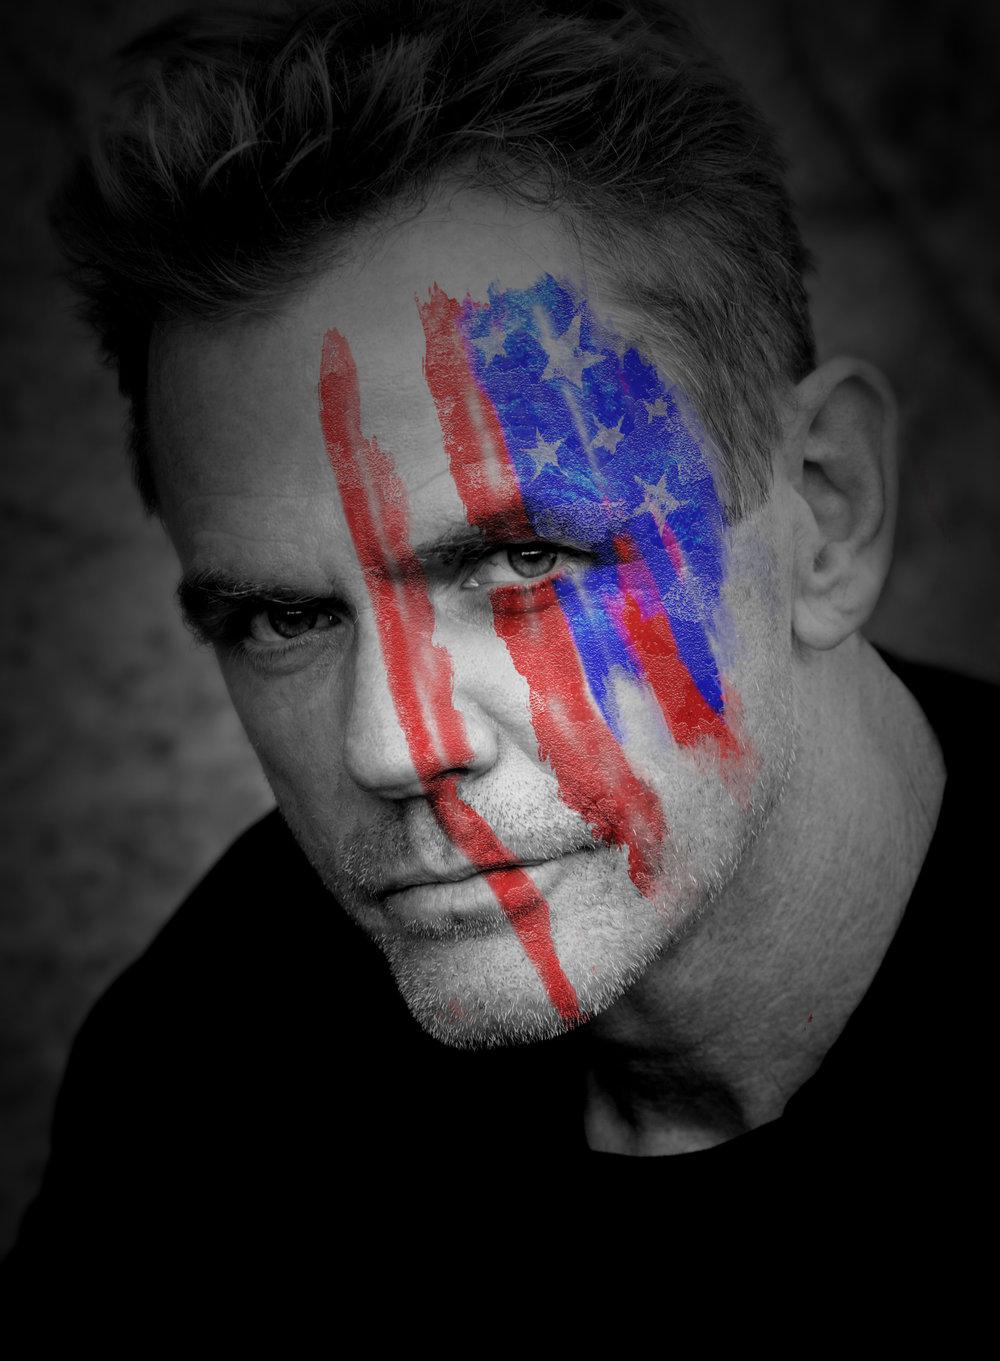 Titus Photo 2 - USE.jpg